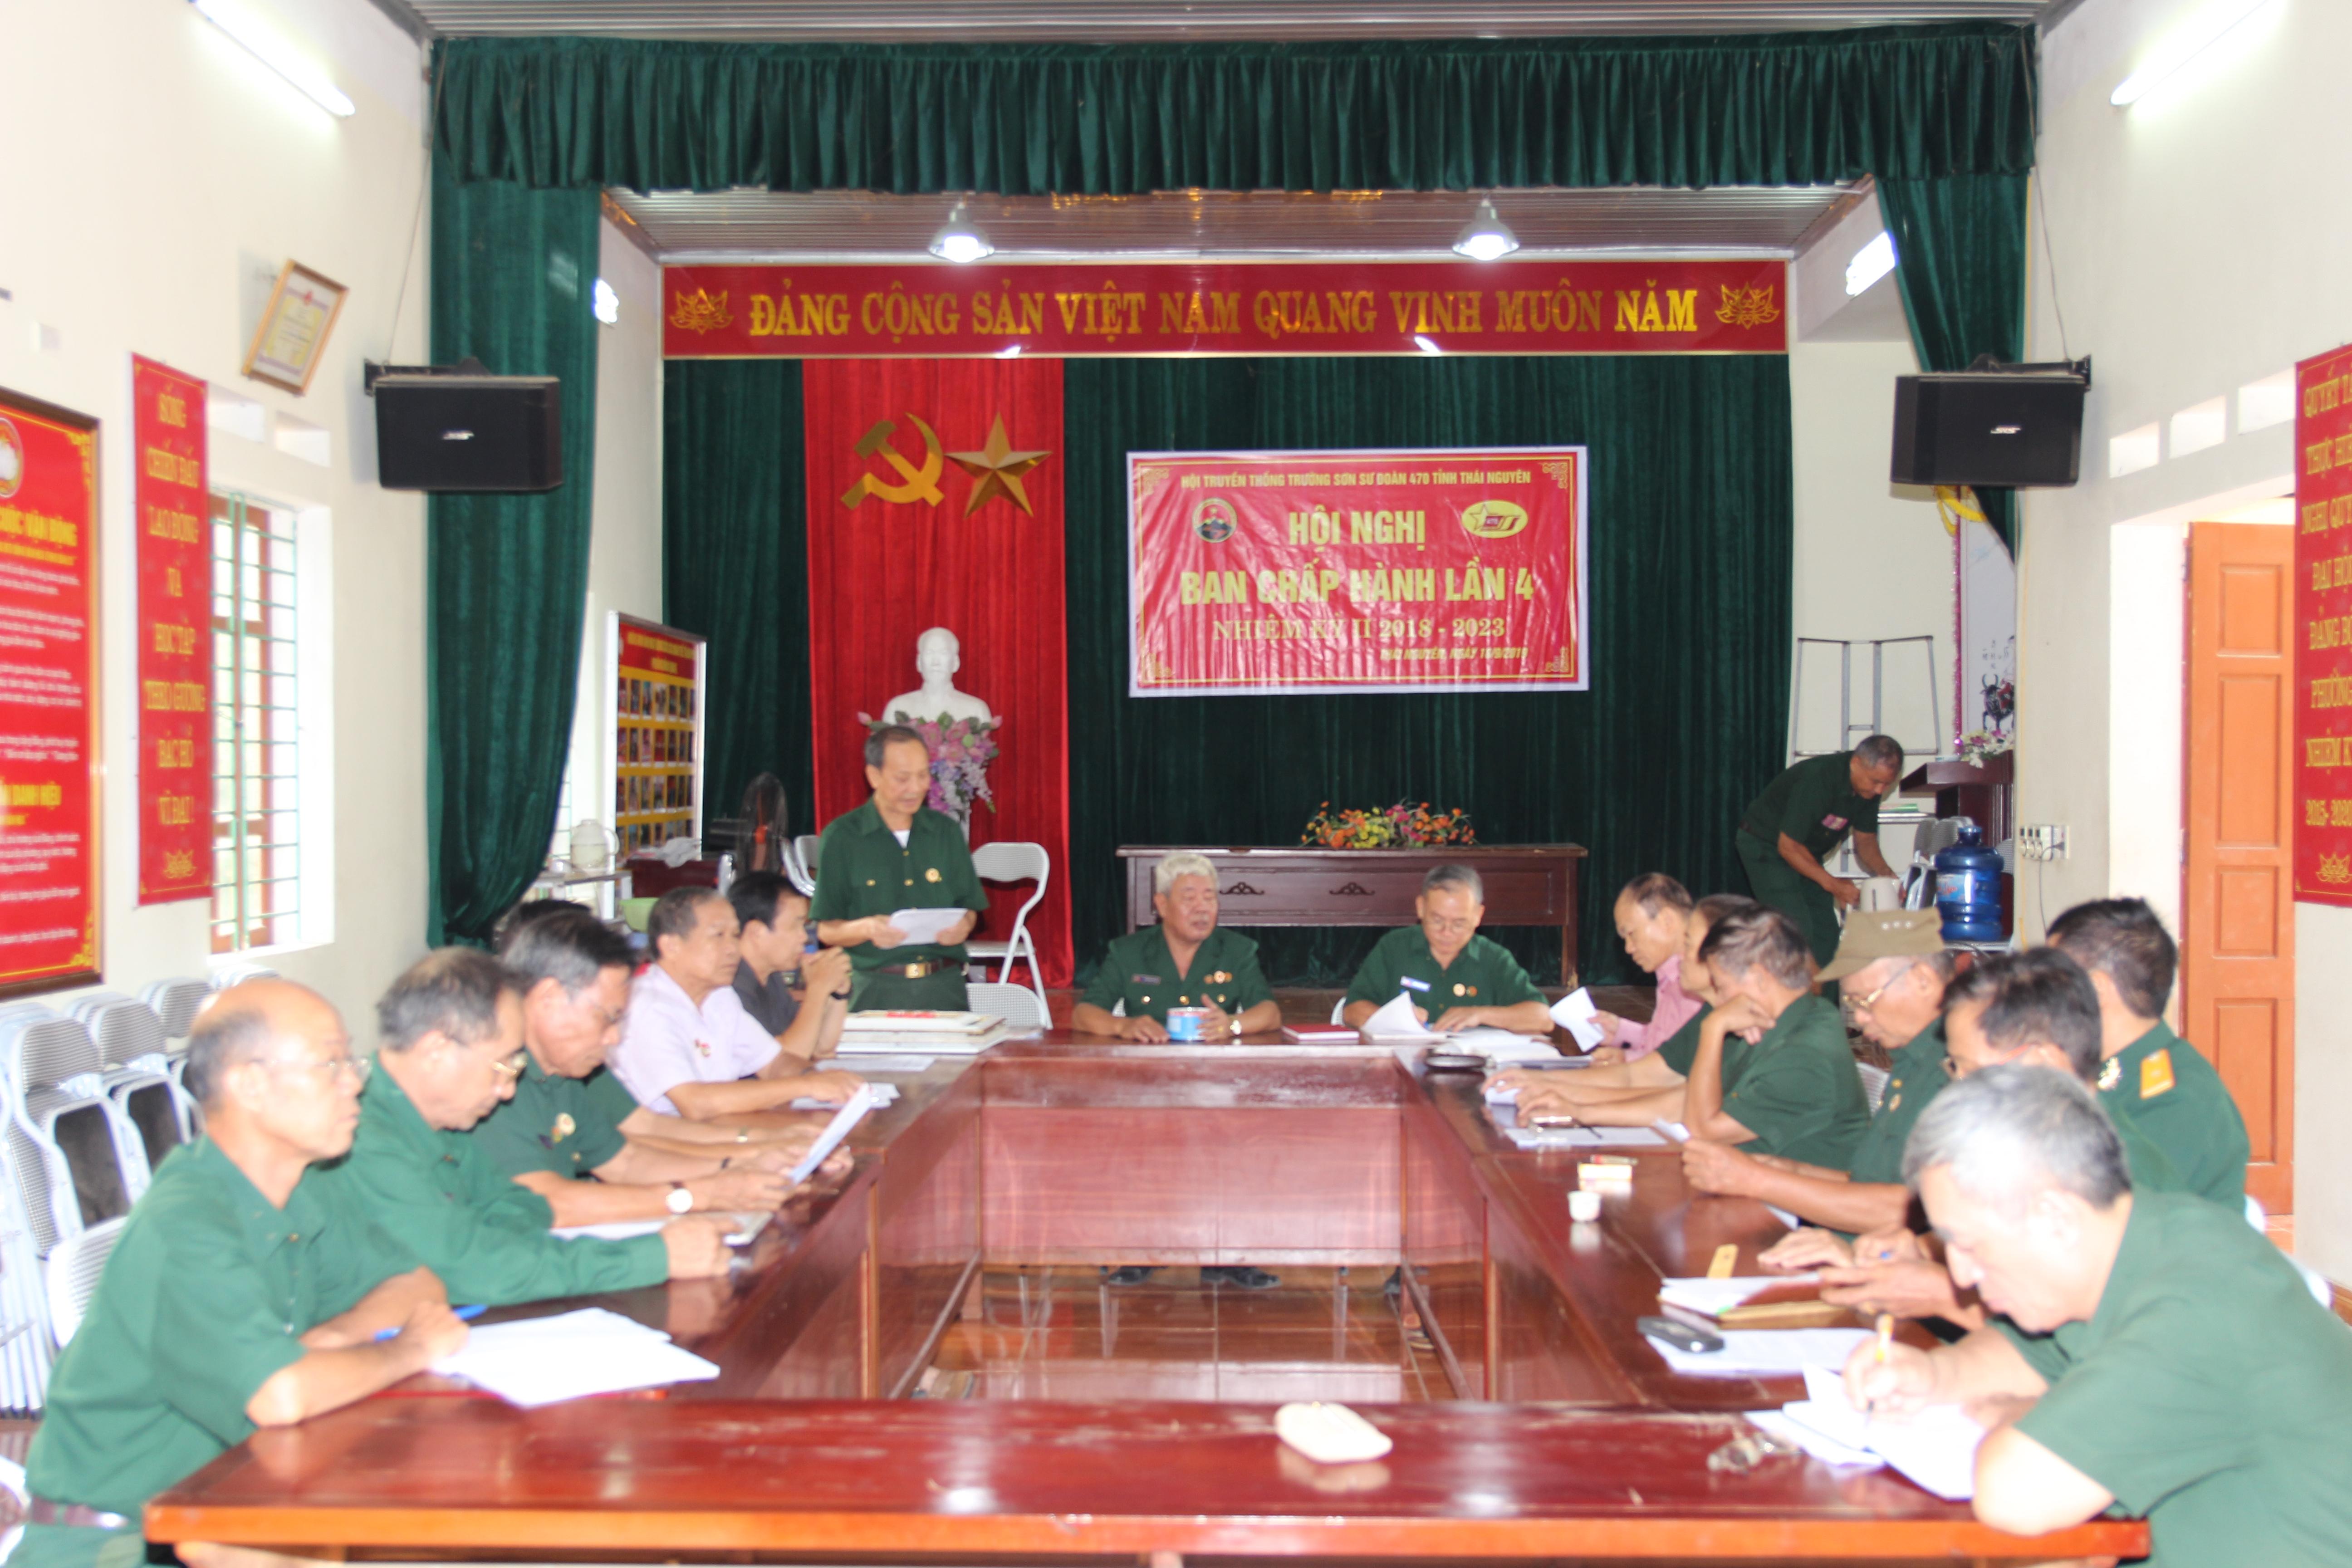 Hội nghị BCH Hội Trường Sơn Sư đoàn 470 tỉnh Thái Nguyên